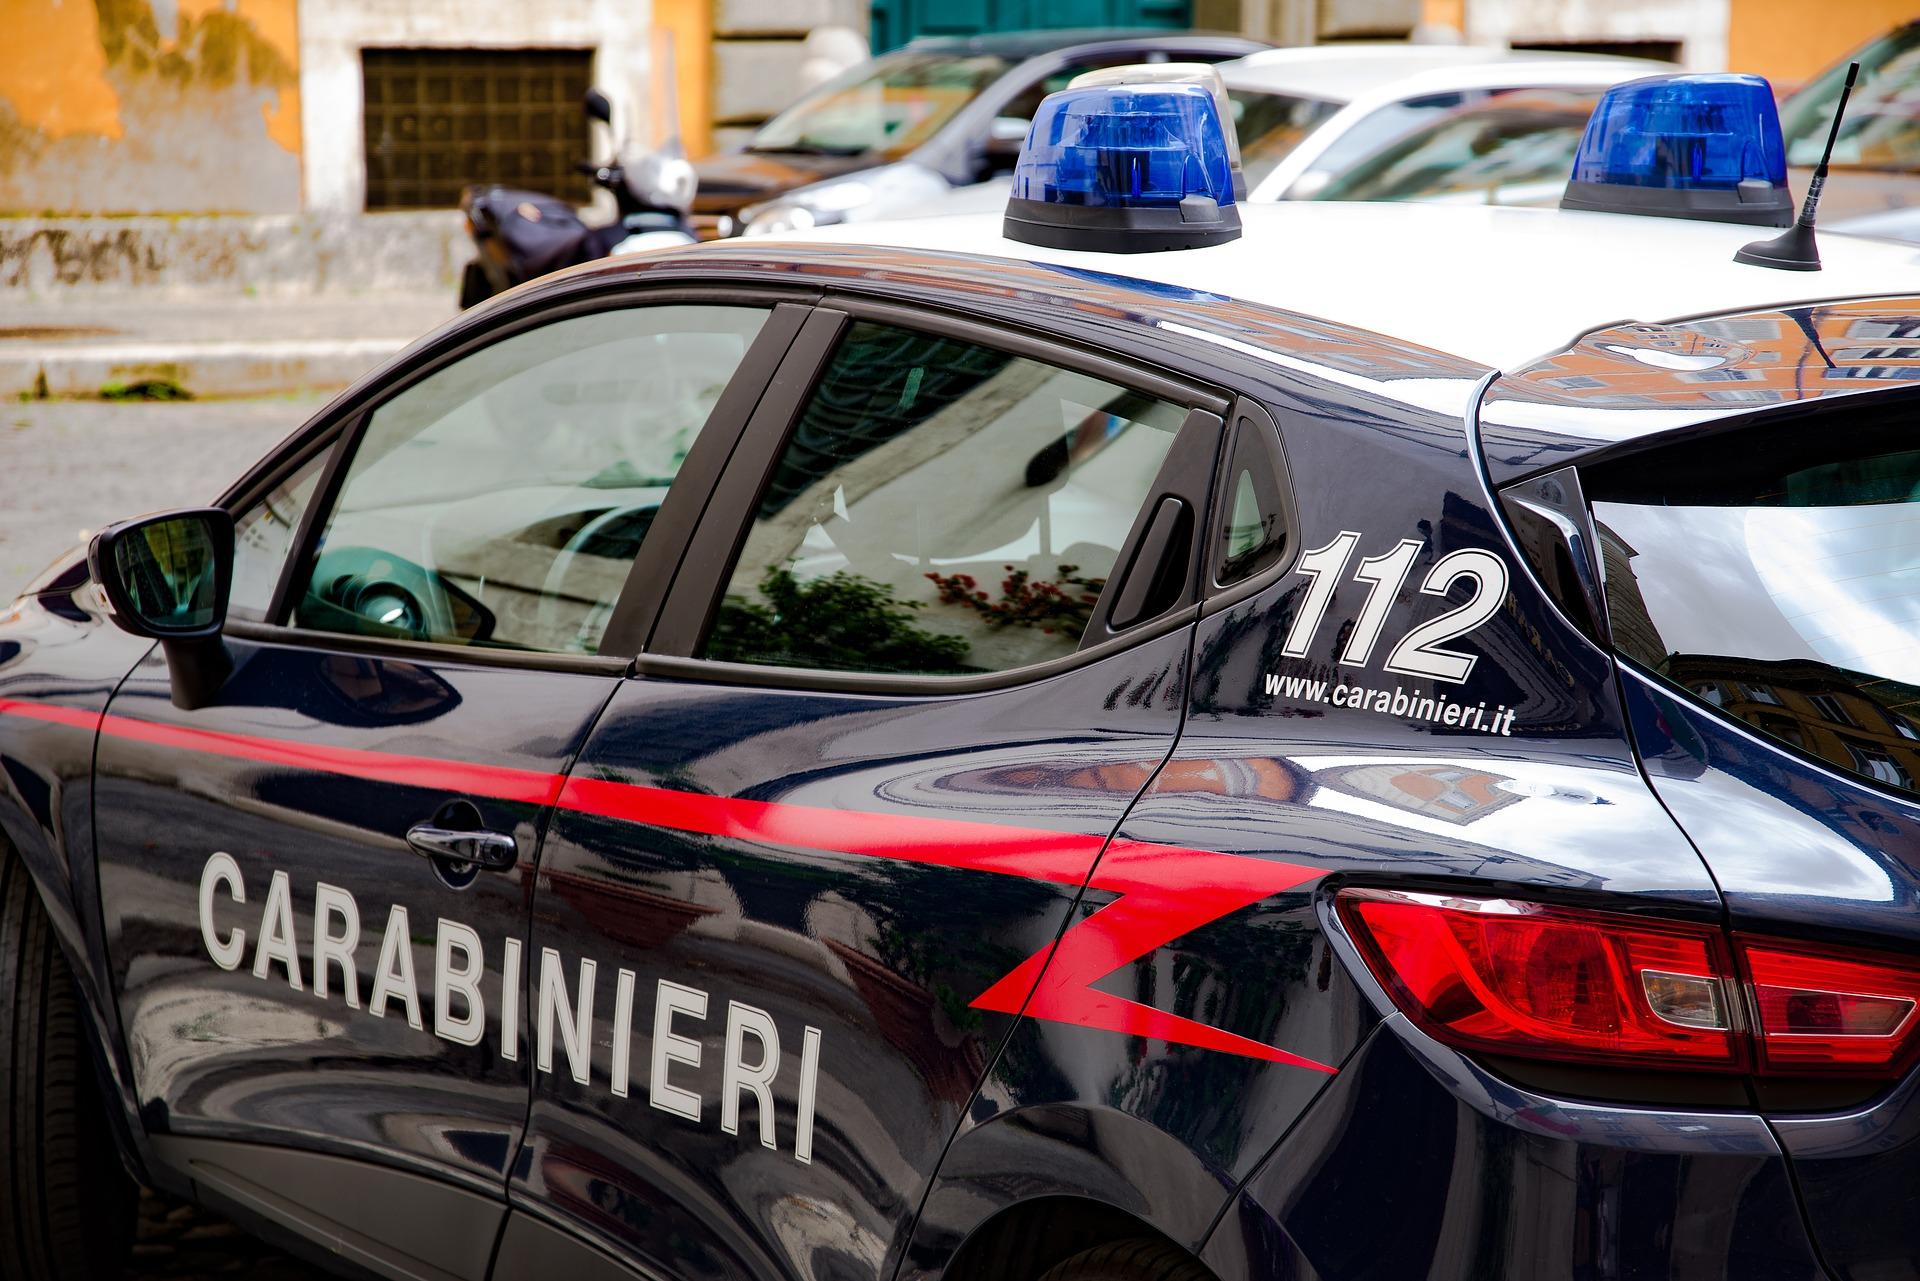 Modugno: rapinano e sequestrano l'autista fuggendo con un tir carico di generi alimentari. I Carabinieri recuperano mezzo e refurtiva